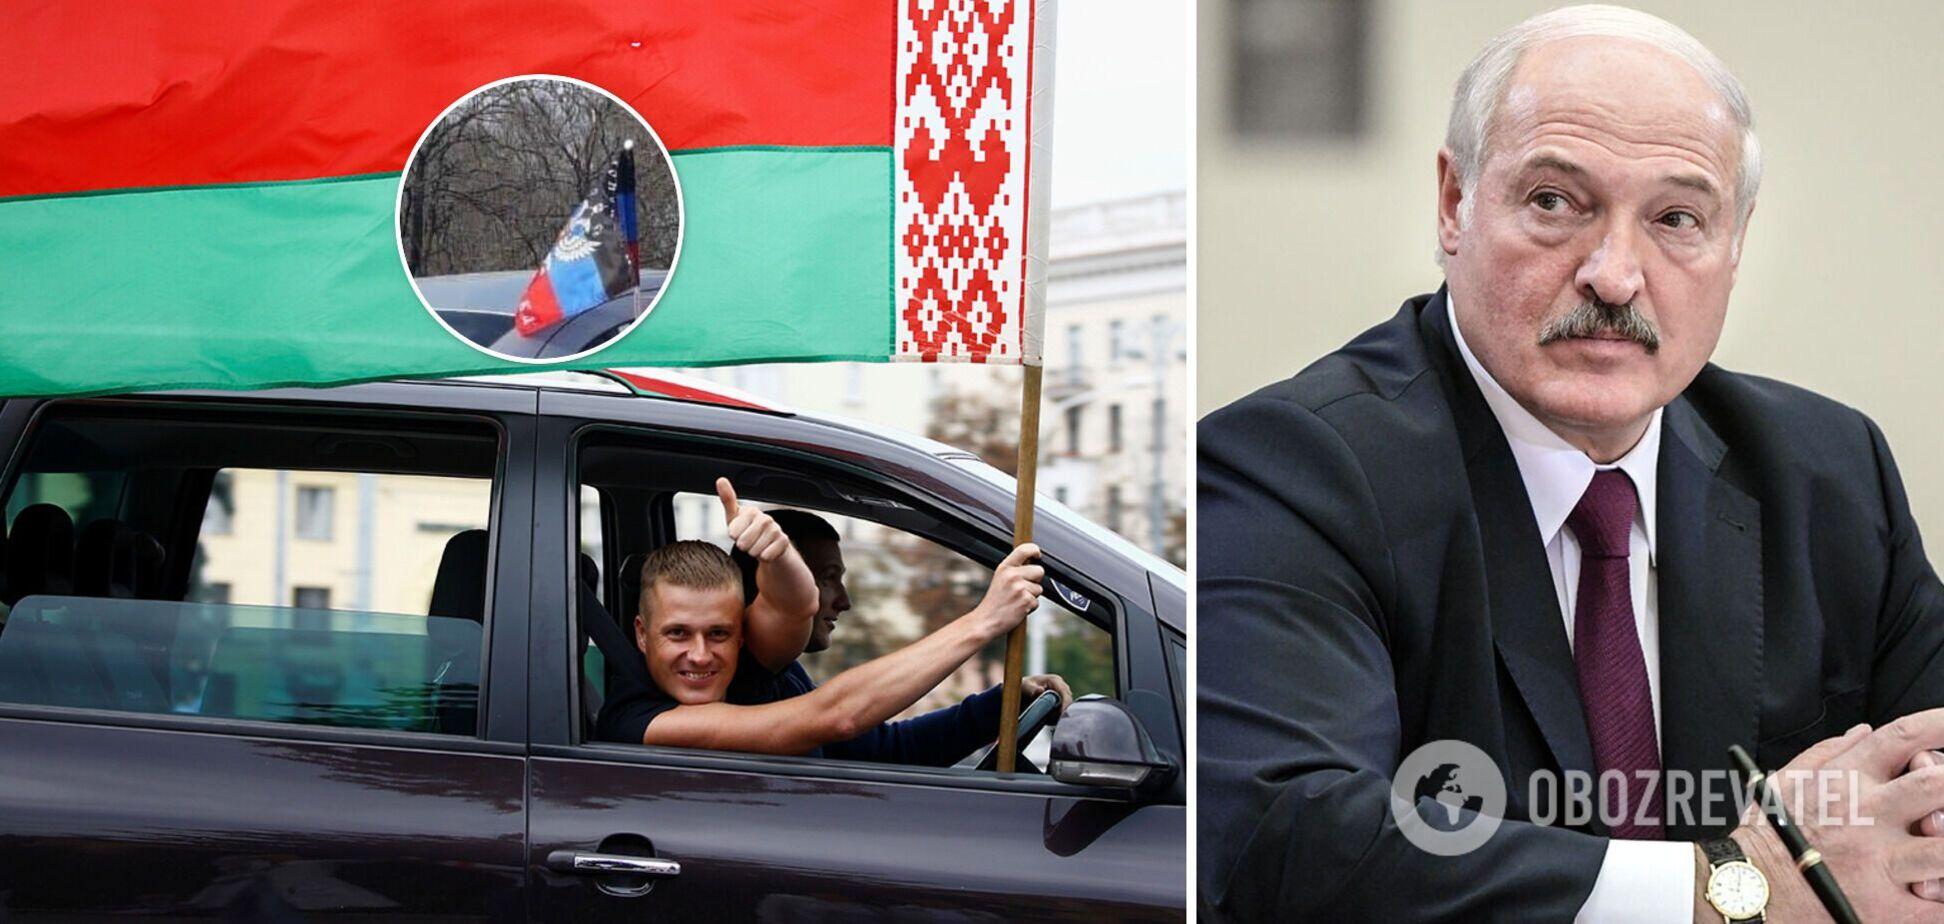 В Беларуси на автопробеге в поддержку Лукашенко заметили флаги 'ДНР'. Фото